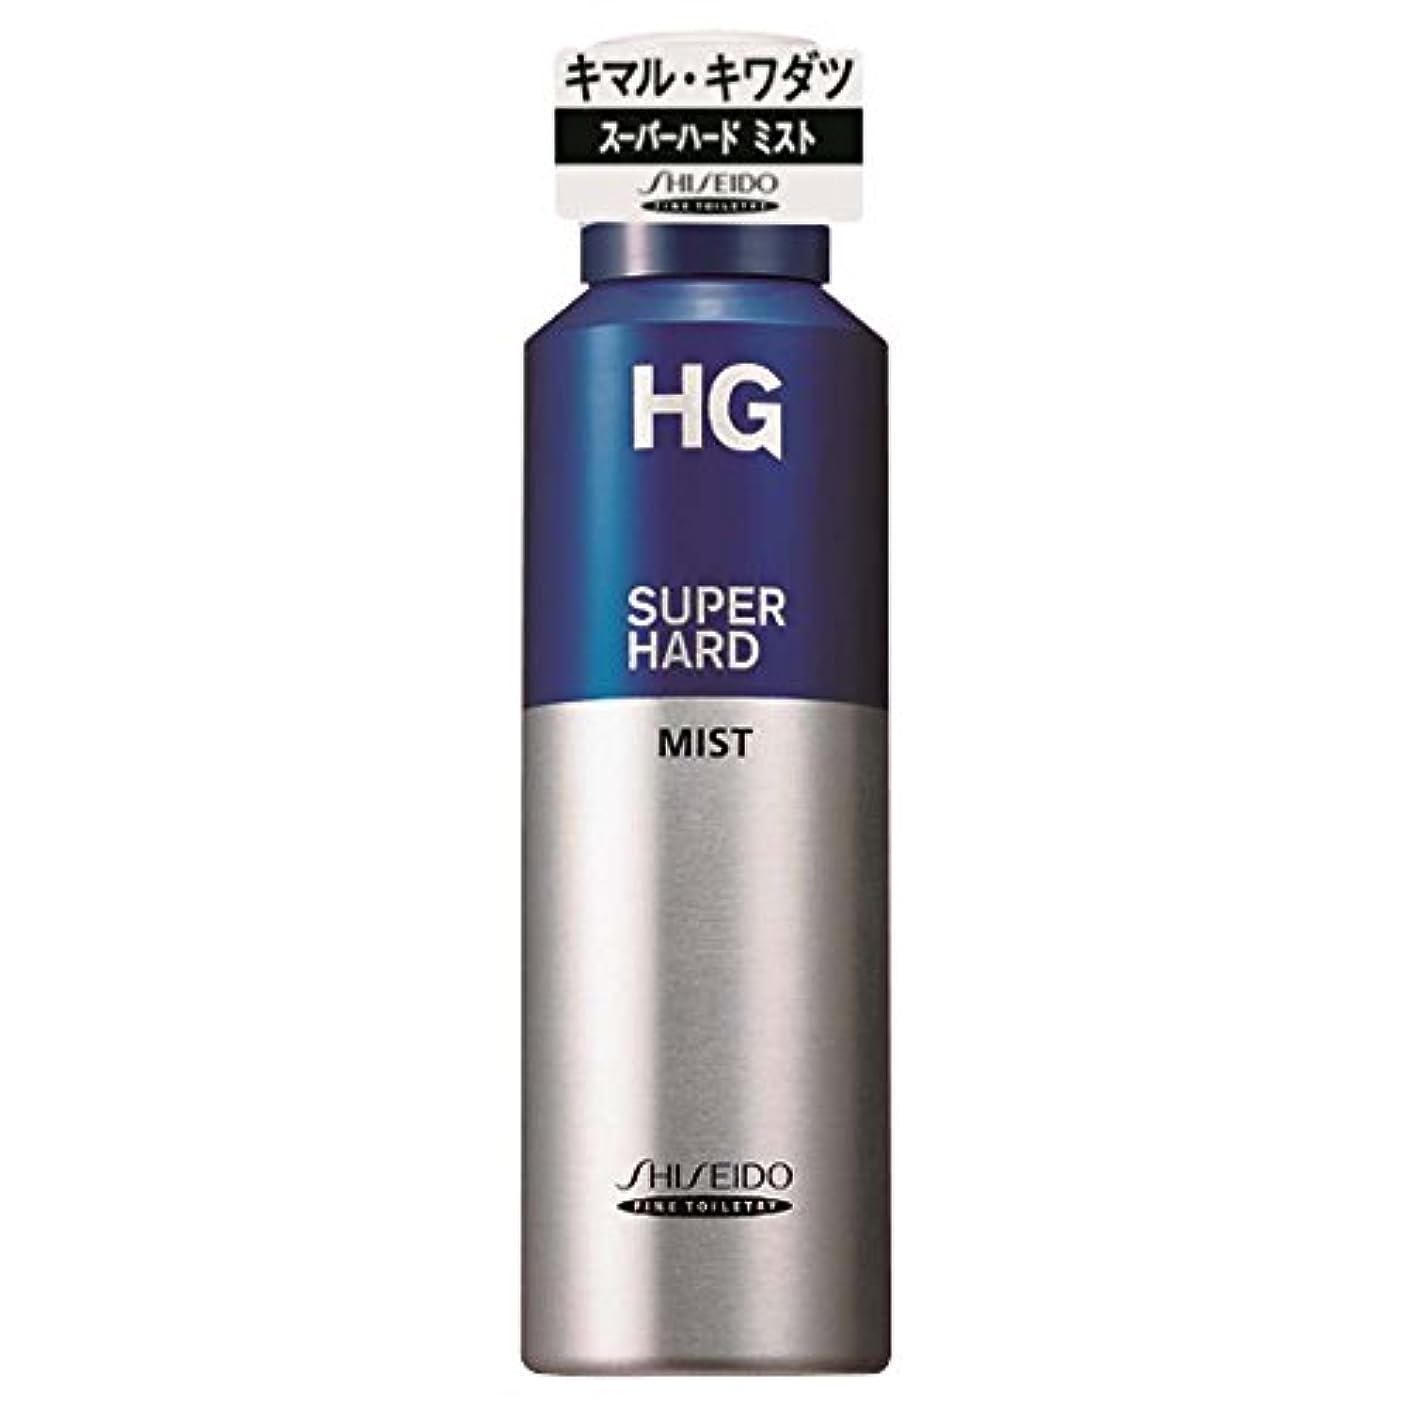 光沢のあるラベル抜け目のないHG スーパーハードミストa 【HTRC3】